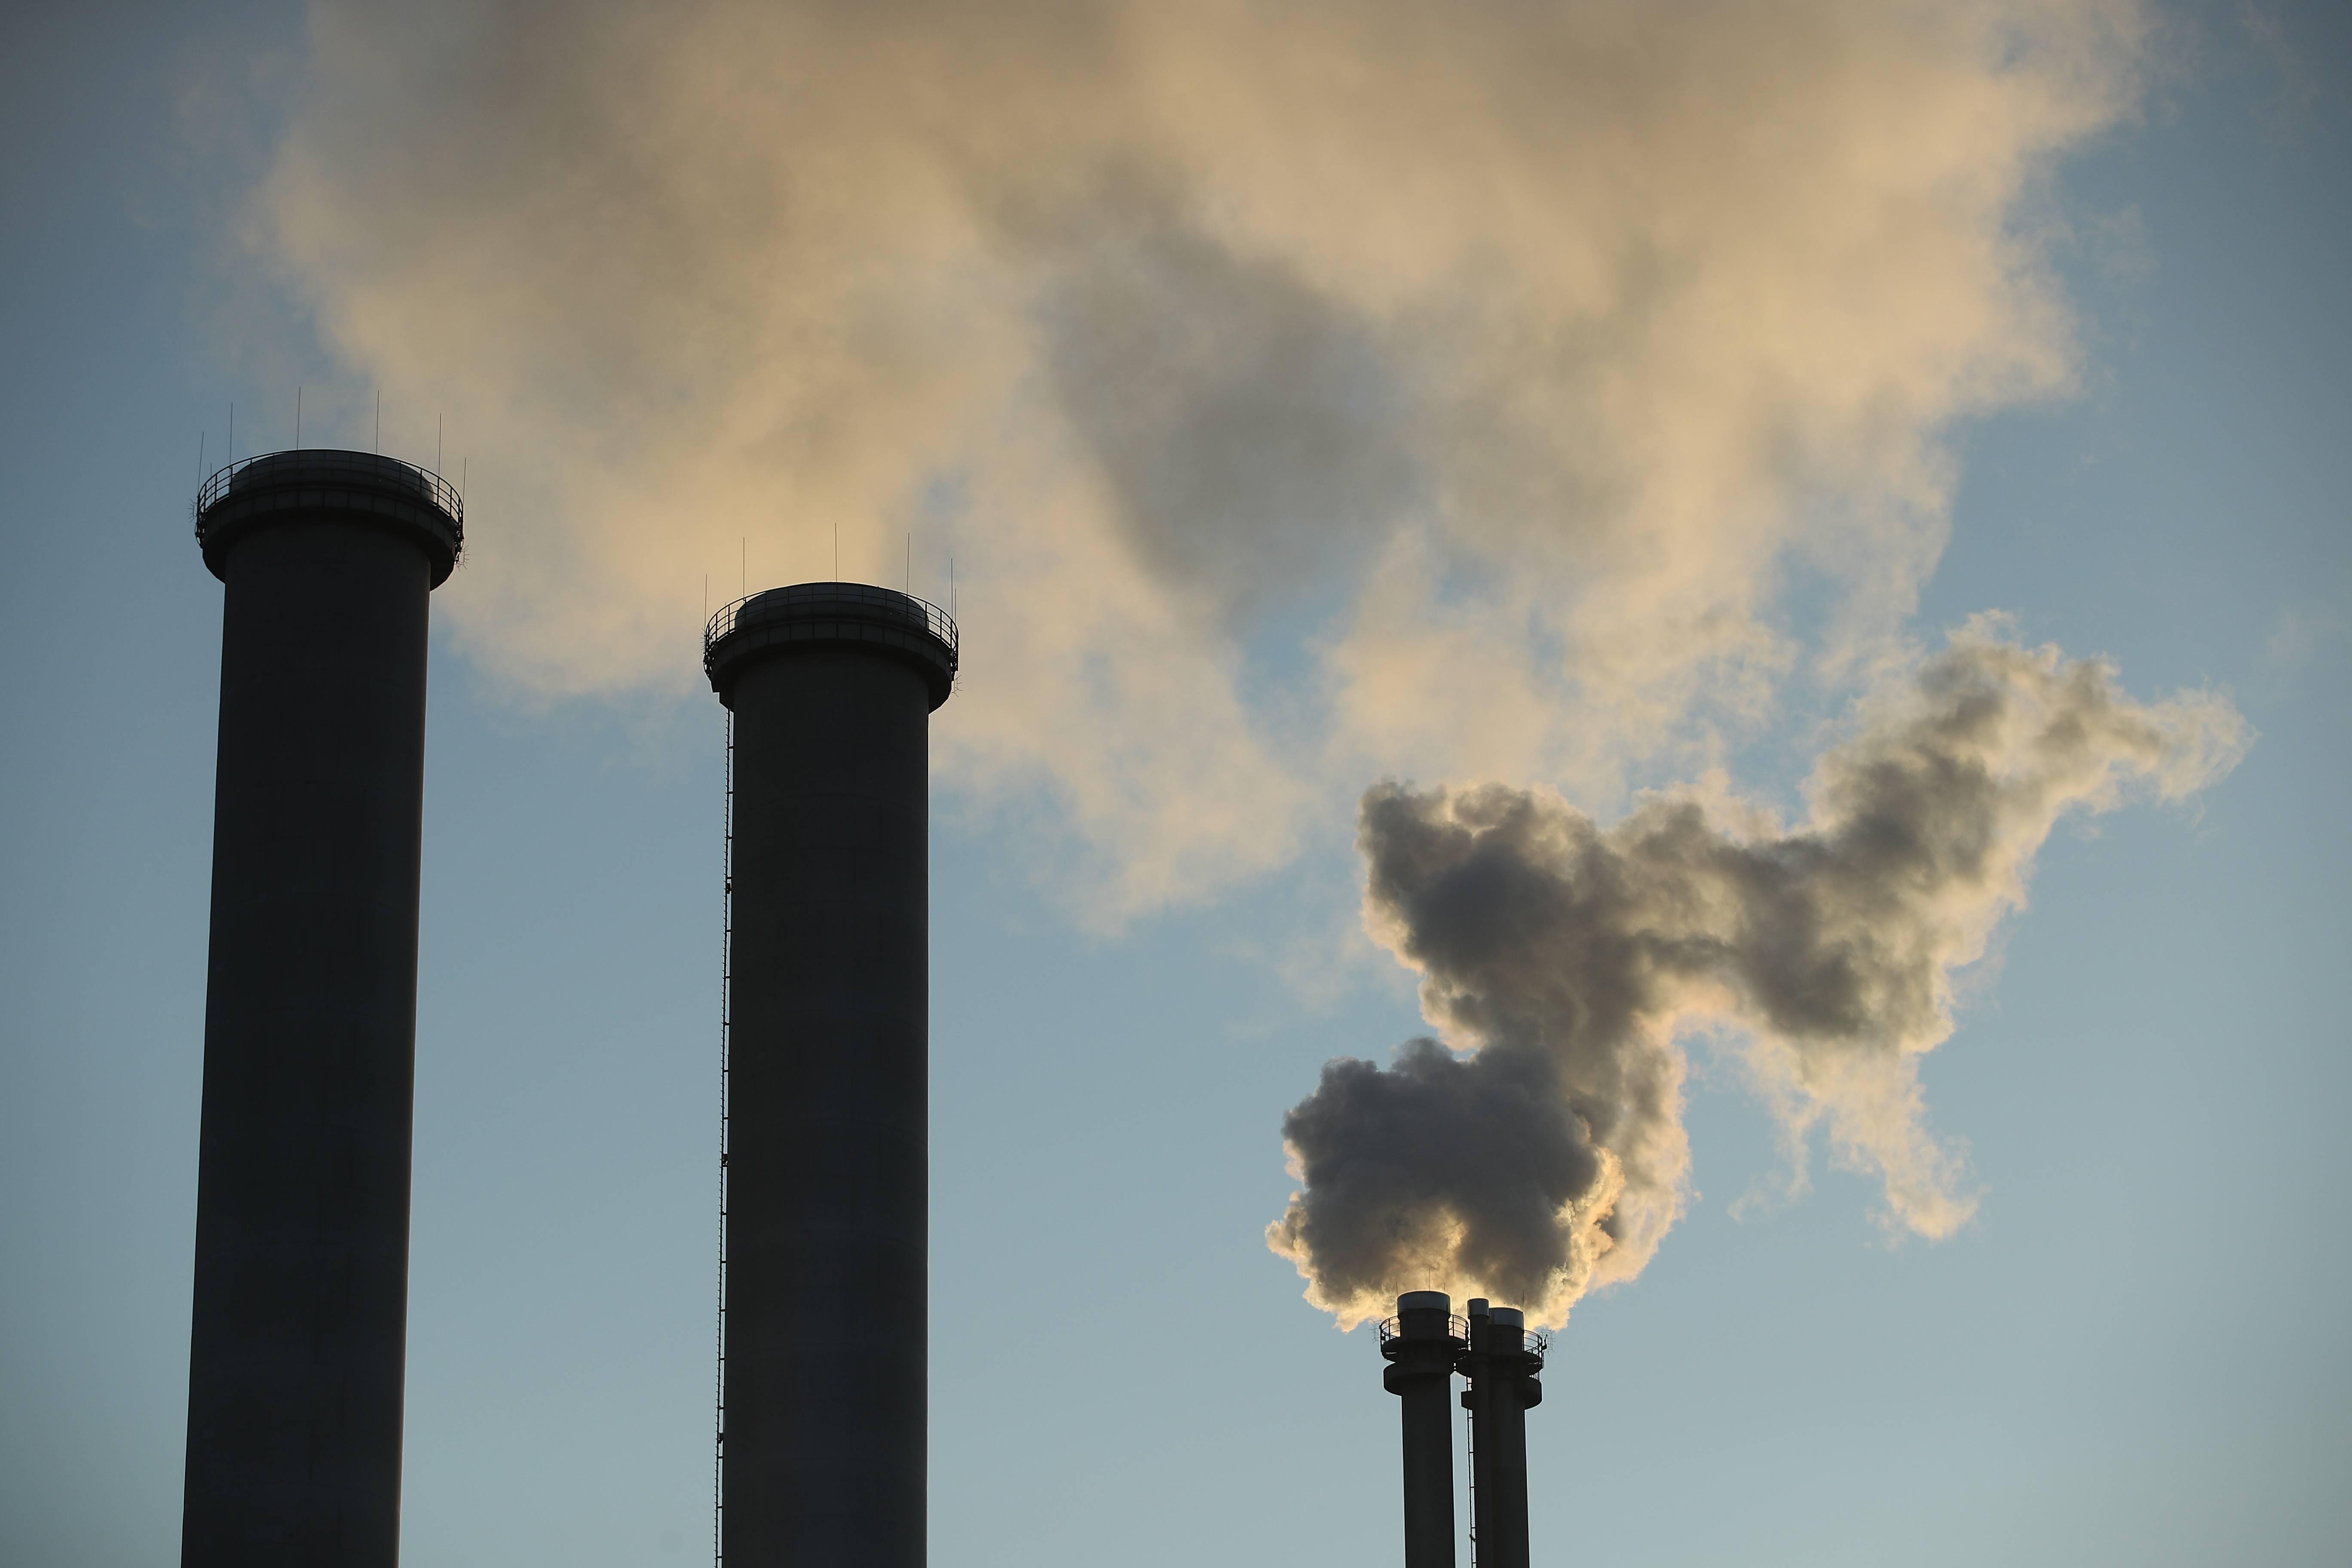 Grandes niveles de contaminación afectaría el crecimiento de las nubes, según estudio de la NASA